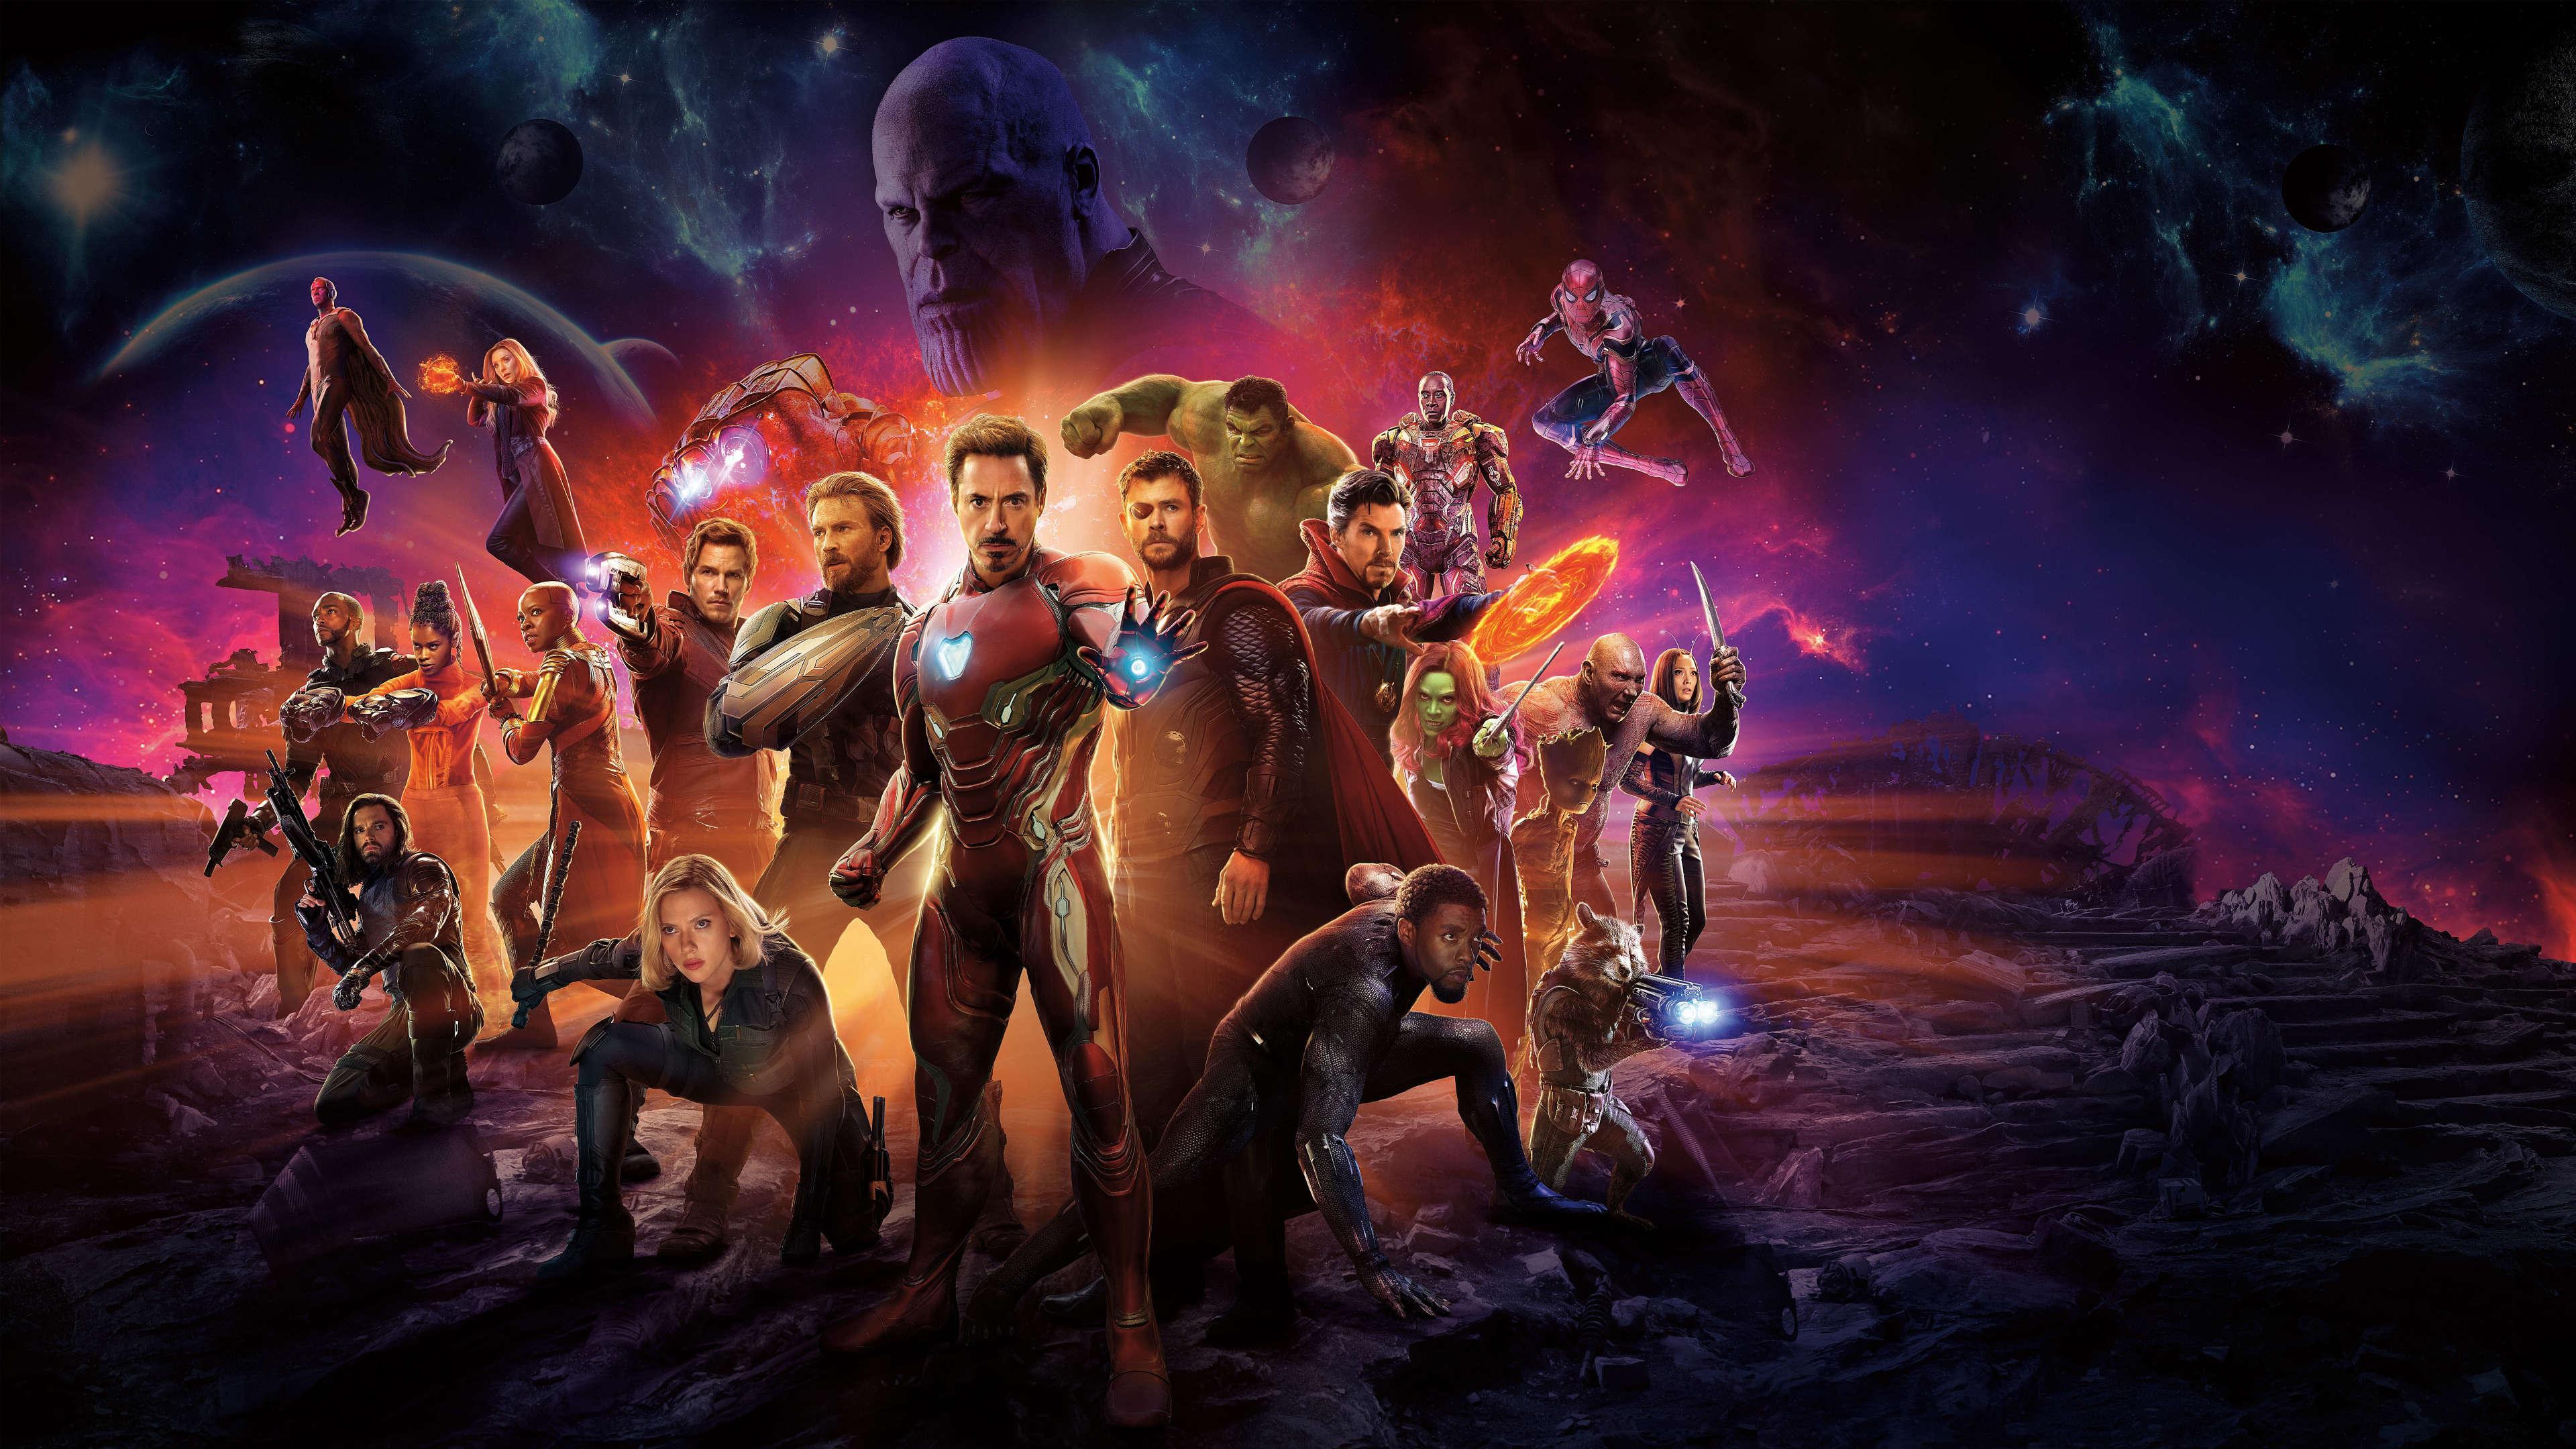 Infinity War 4k Wallpapers - Wallpaper Cave